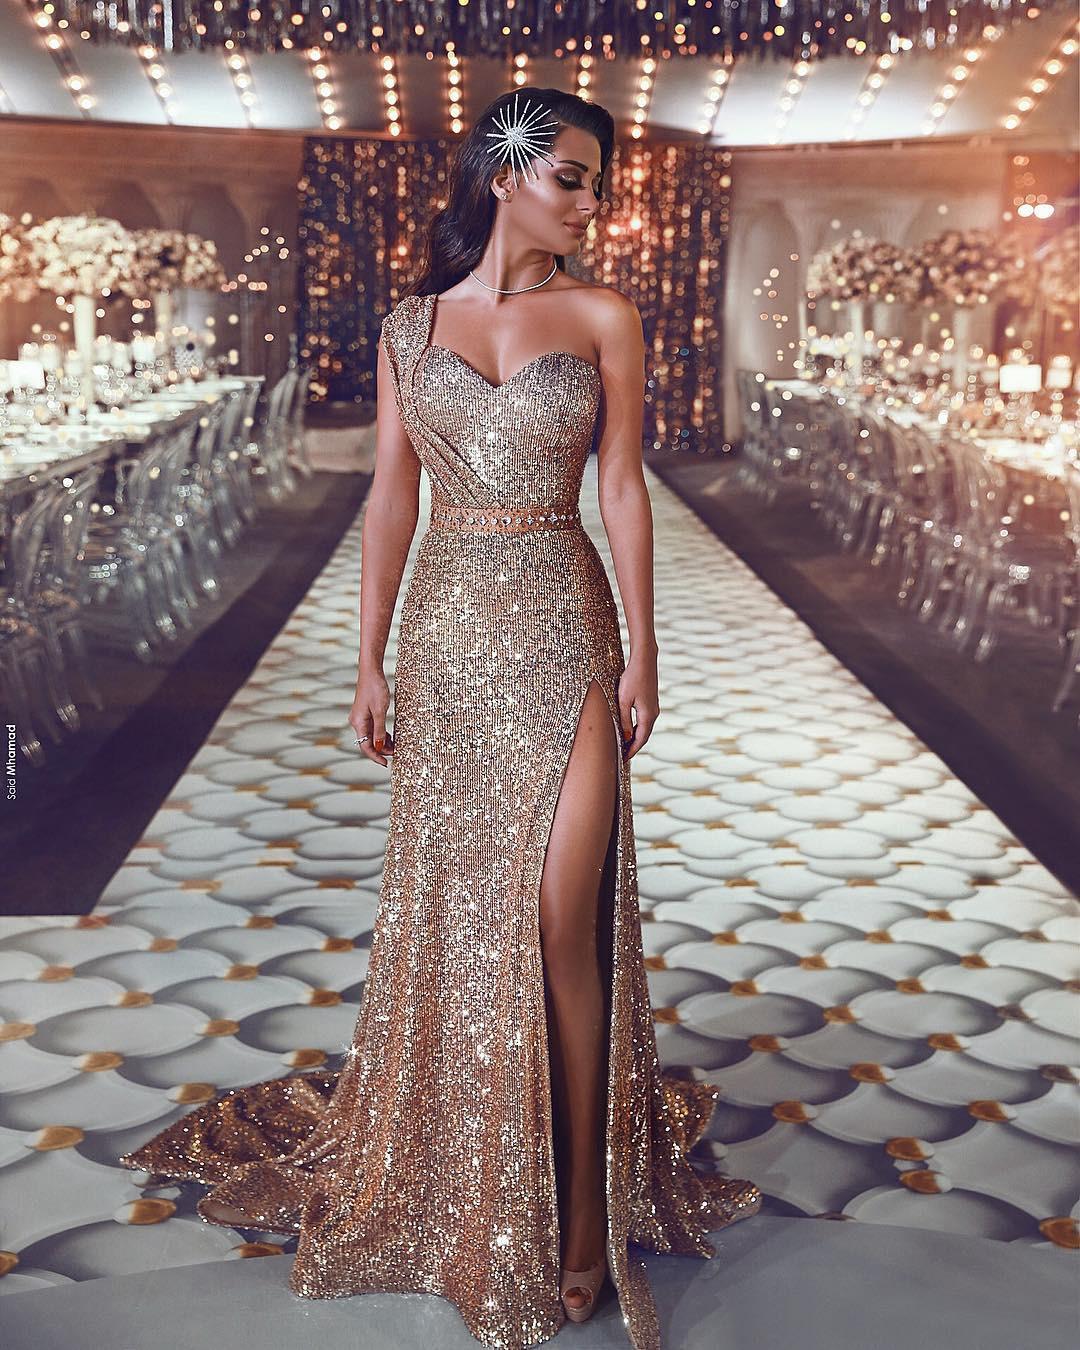 Designer Coolste Luxus Abend Kleider Vertrieb10 Schön Luxus Abend Kleider Spezialgebiet